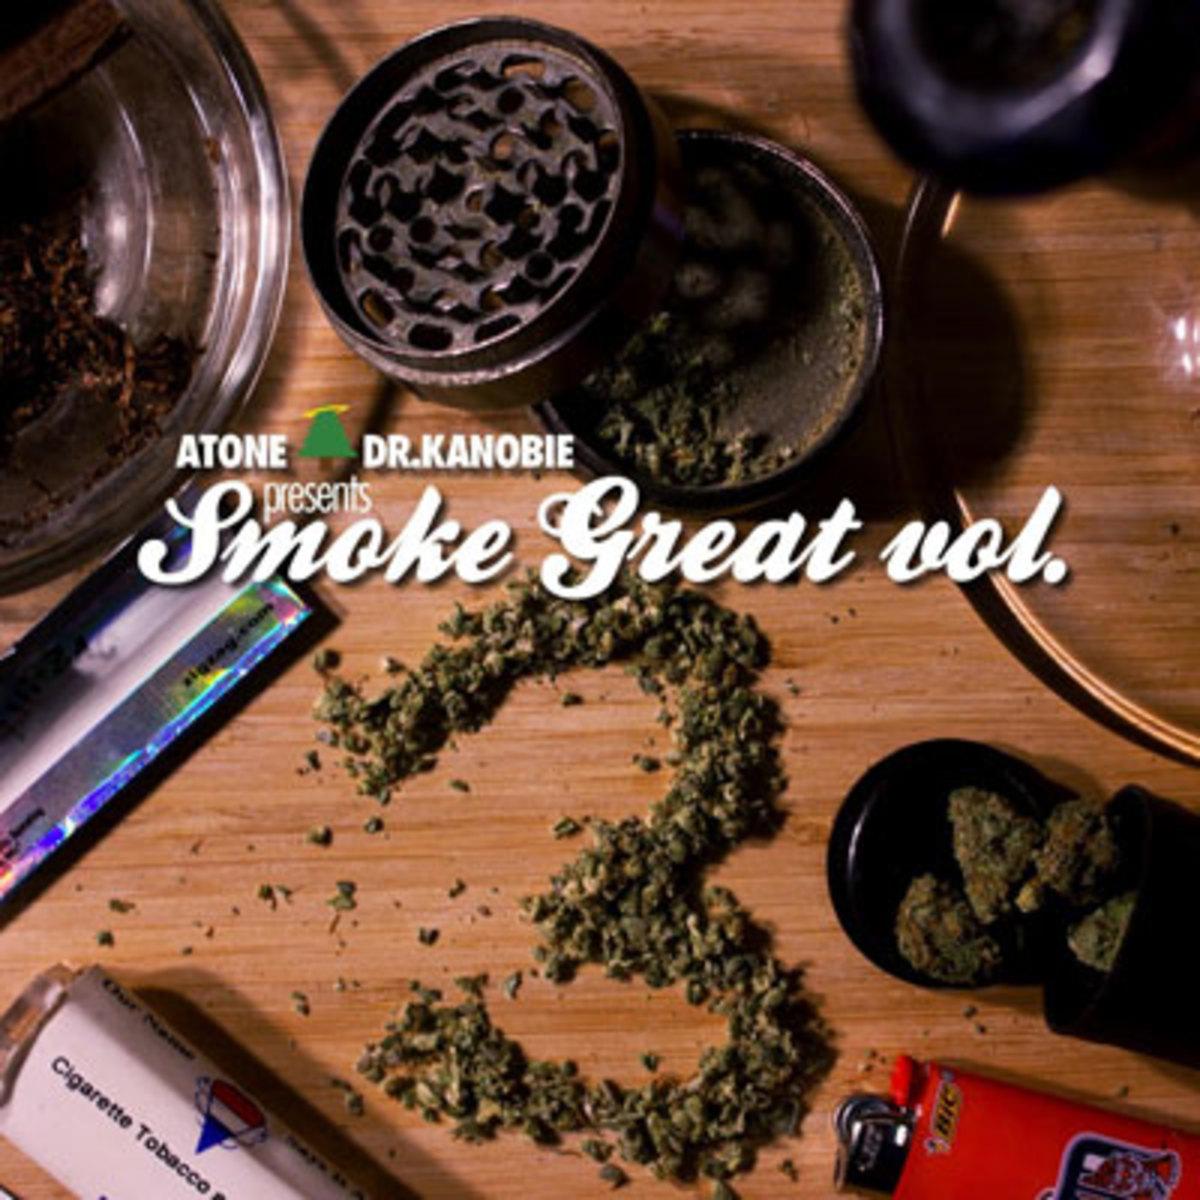 atone-smokegreatv4.jpg